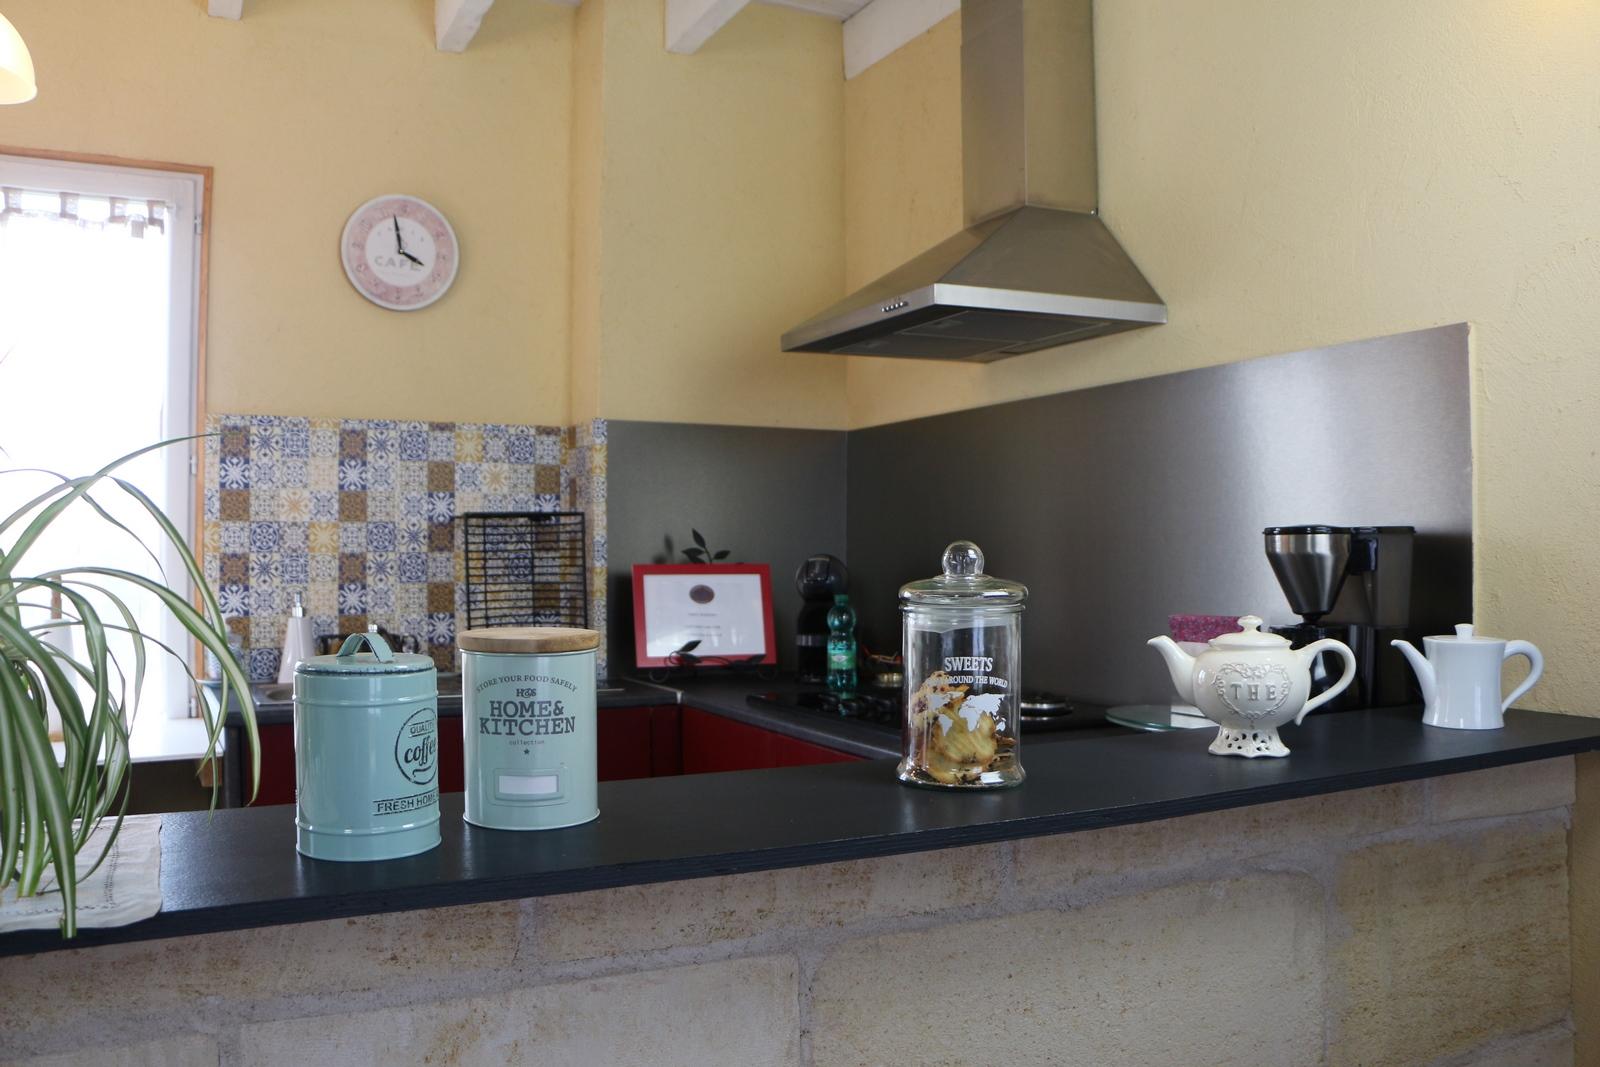 Cuisine commune Une cuisine, salle à manger ( de 38 m2) est mise à votre disposition comprenant un frigo, une table de cuisson, de la vaisselle… Vous pourrez à votre convenance, utiliser… Continue Reading..